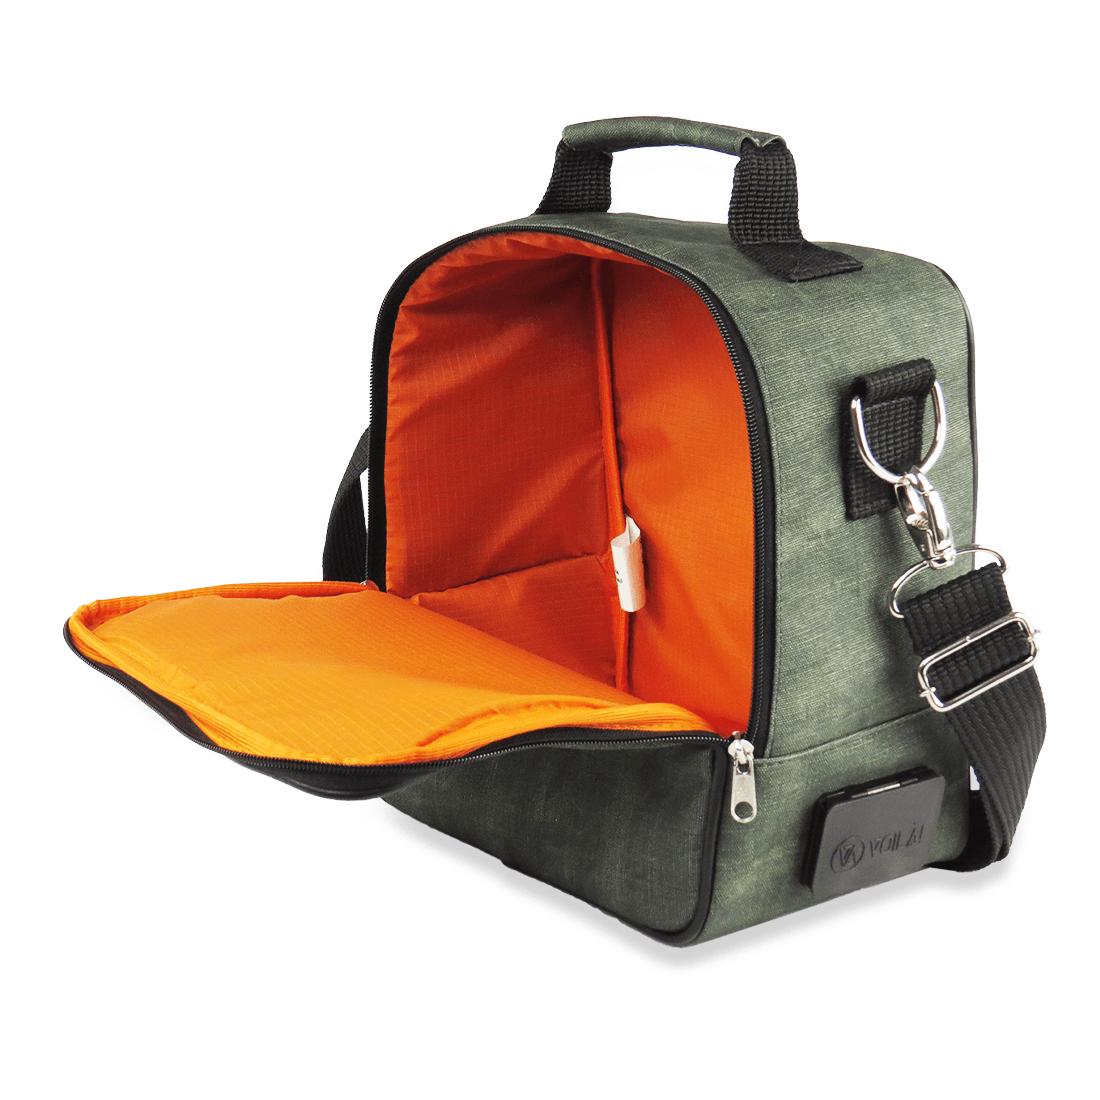 Bolsa Elétrica Voilà! Bag - Kanvas Esmeralda